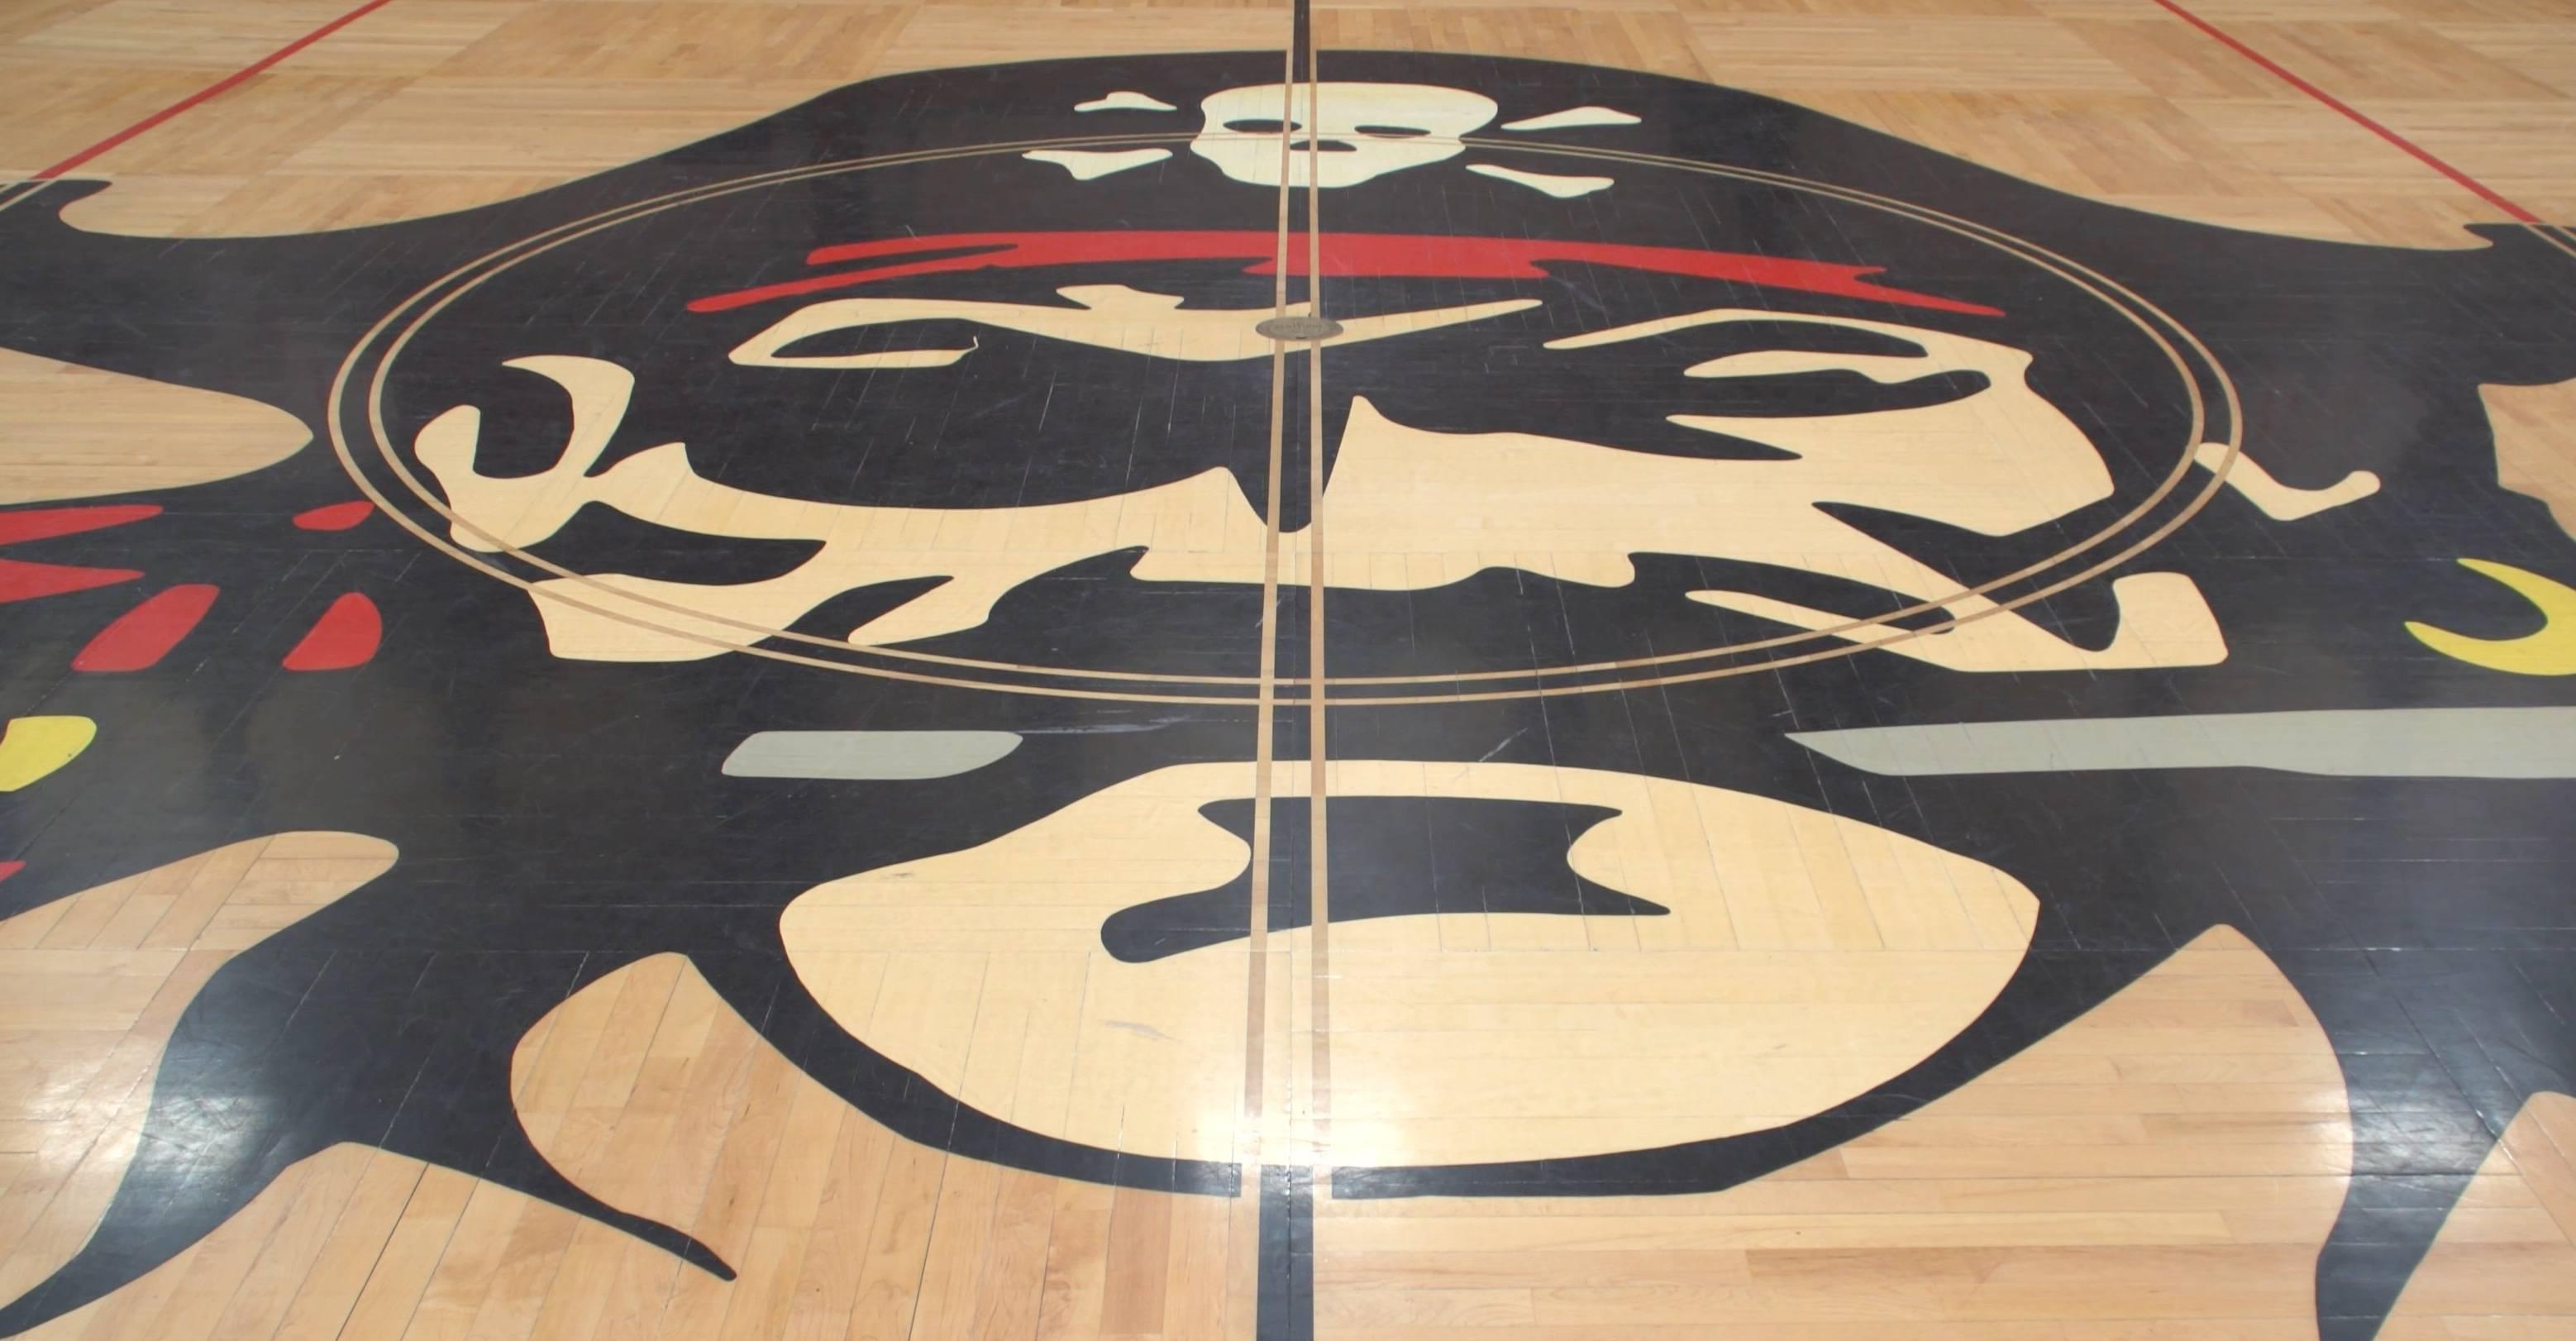 photo of Avon gym floor